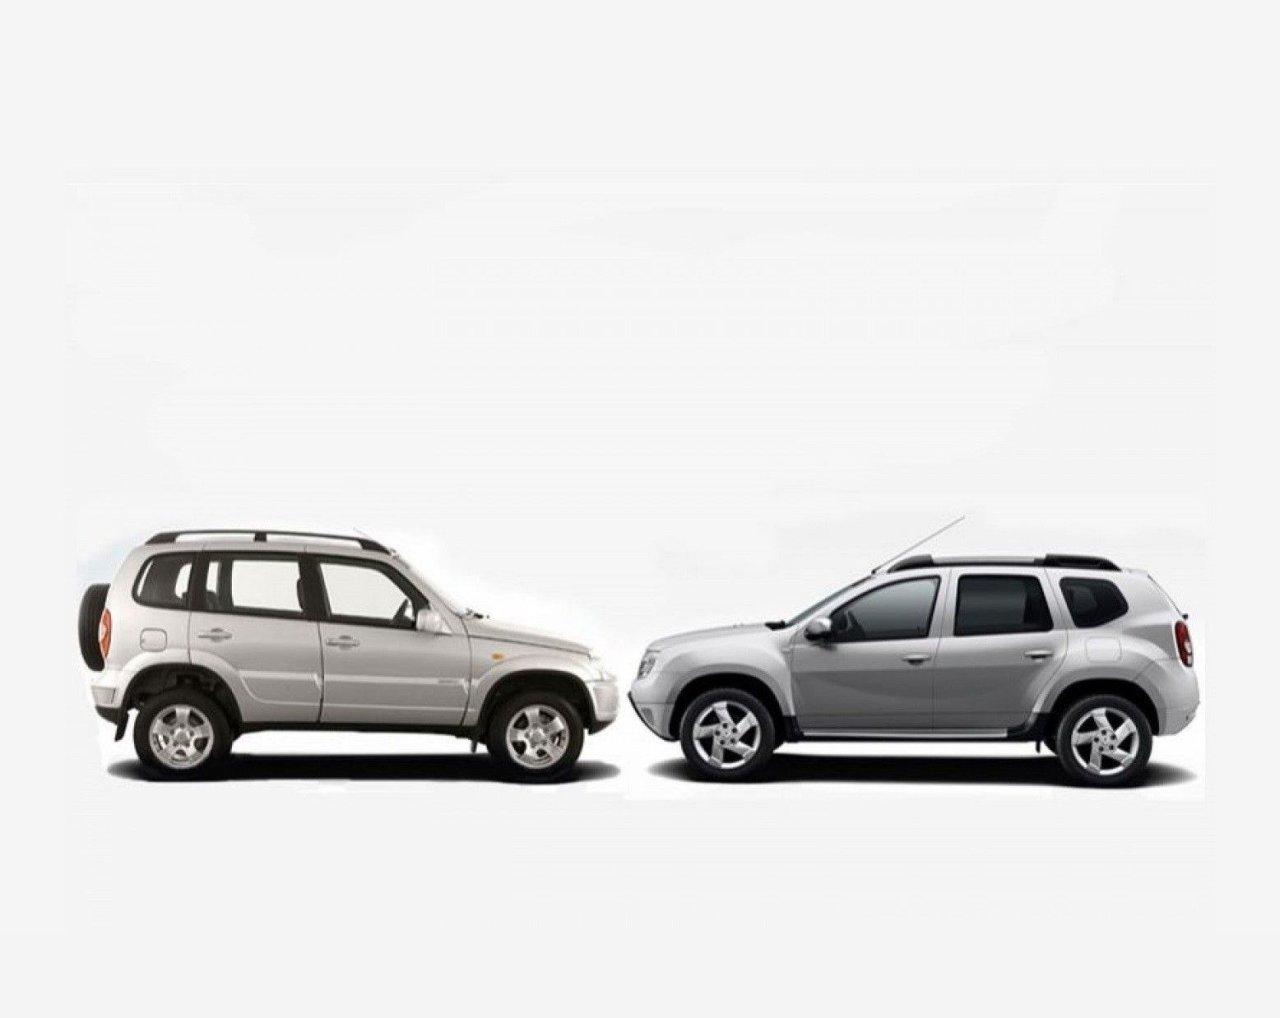 Полемика в Сети: LADA Niva или Renault Duster?